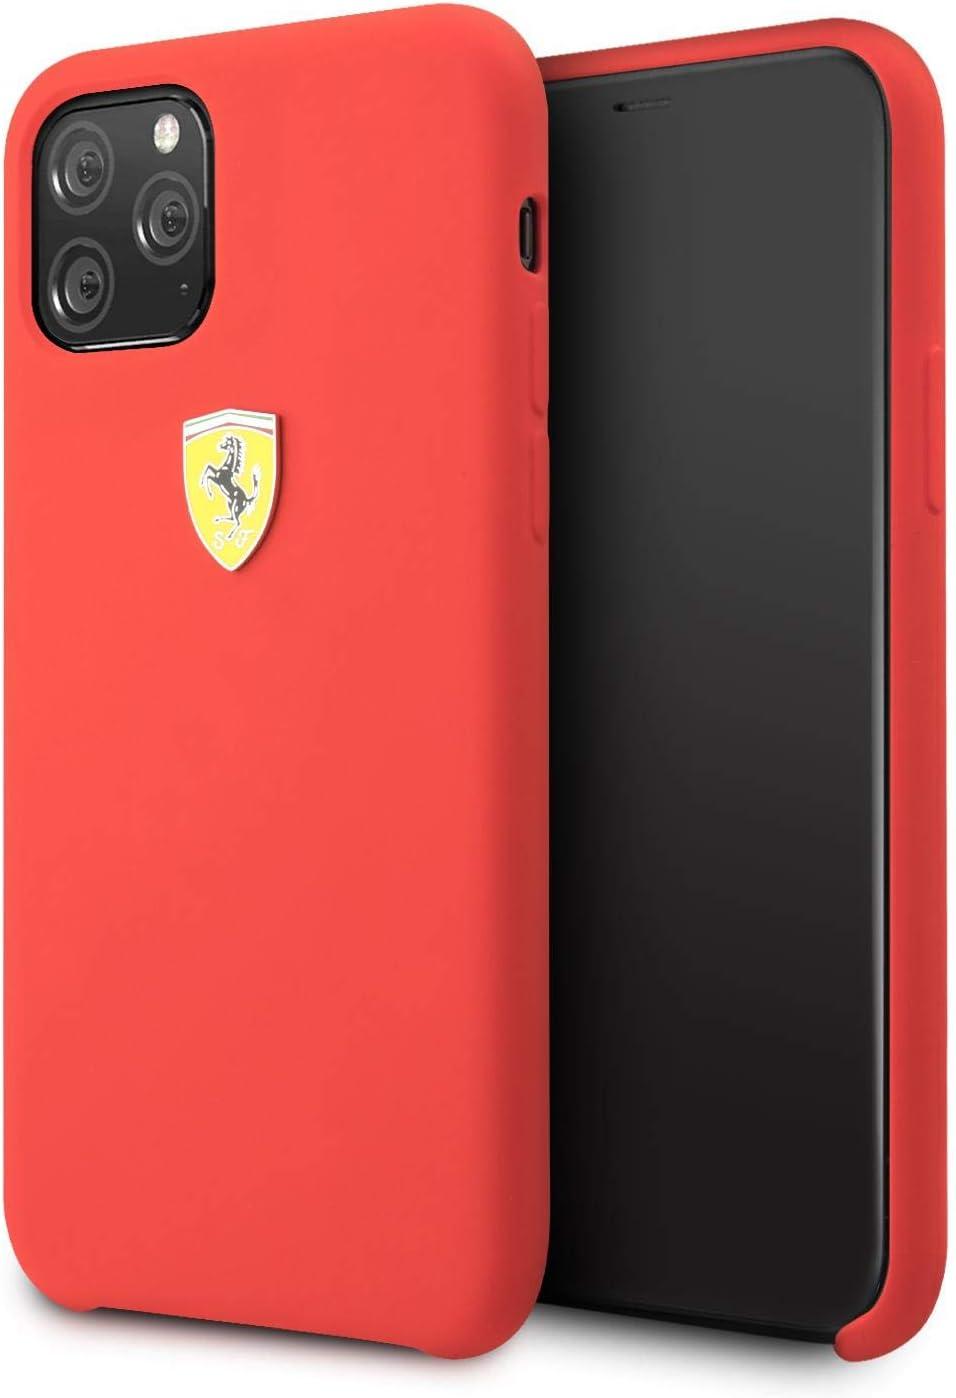 Ferrari Handyhülle Für Iphone 11 Pro Max Silikon Hülle Amazon De Elektronik